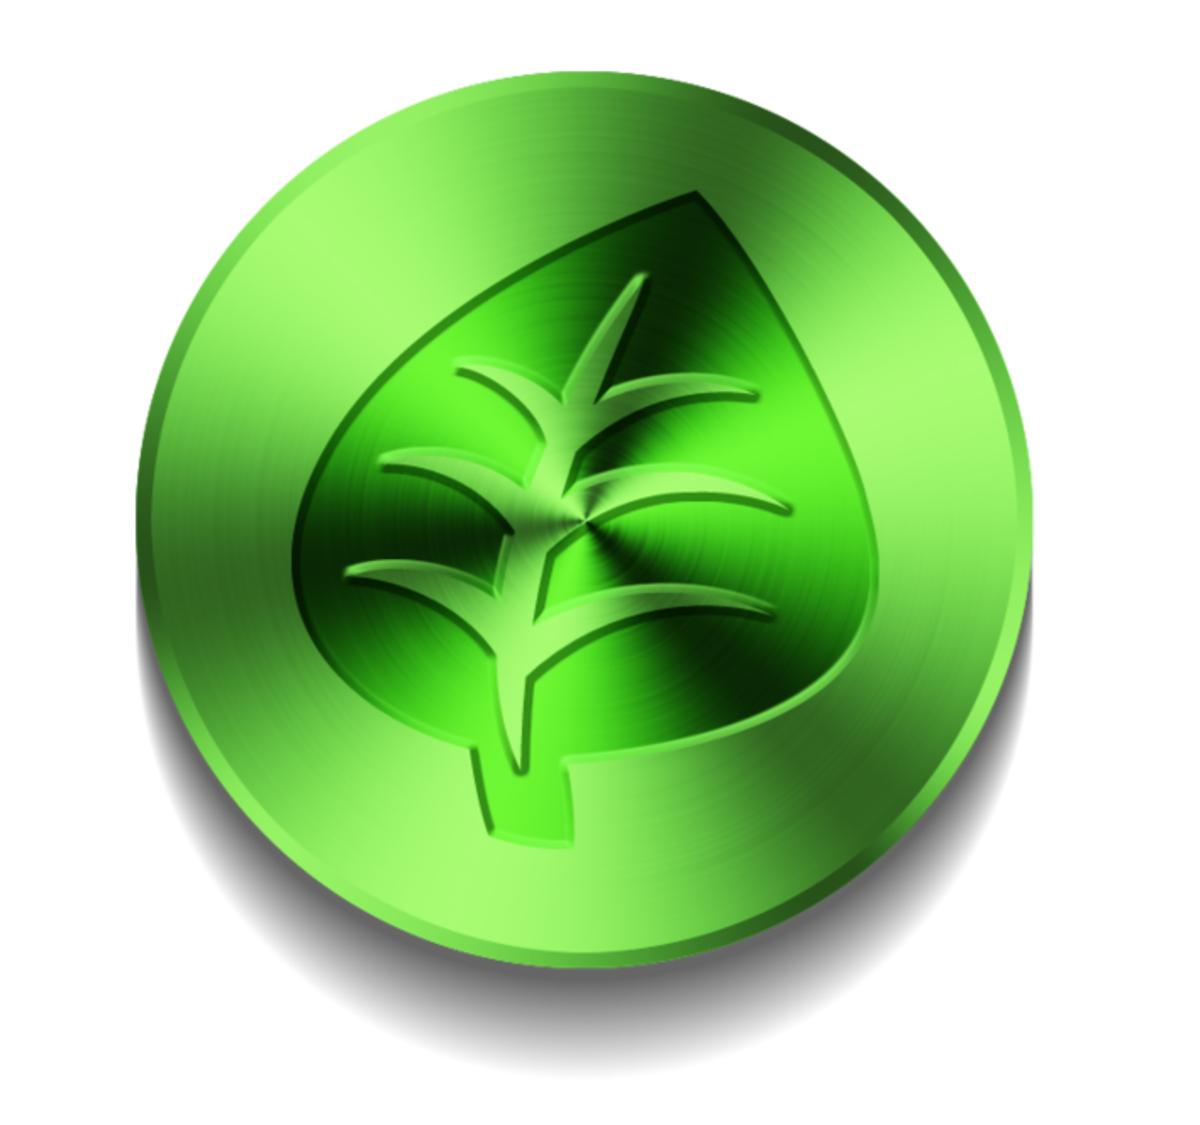 Grass Pokémon logo